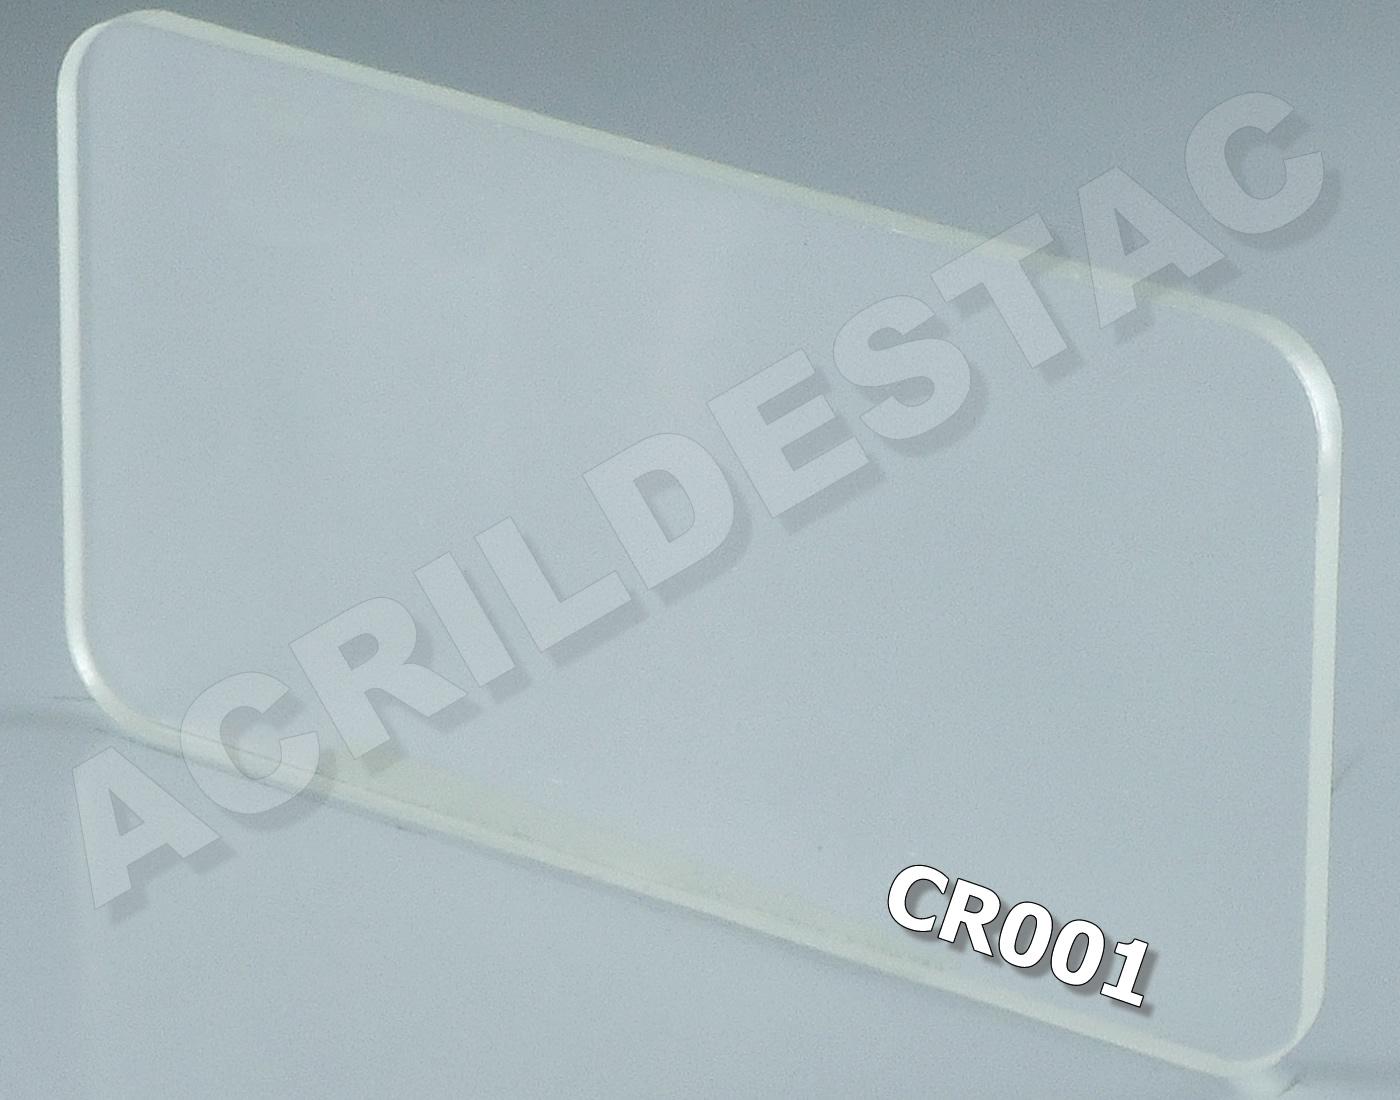 0.50 x 0.50 - 6mm - CRISTAL Transparente PL-CR001 -